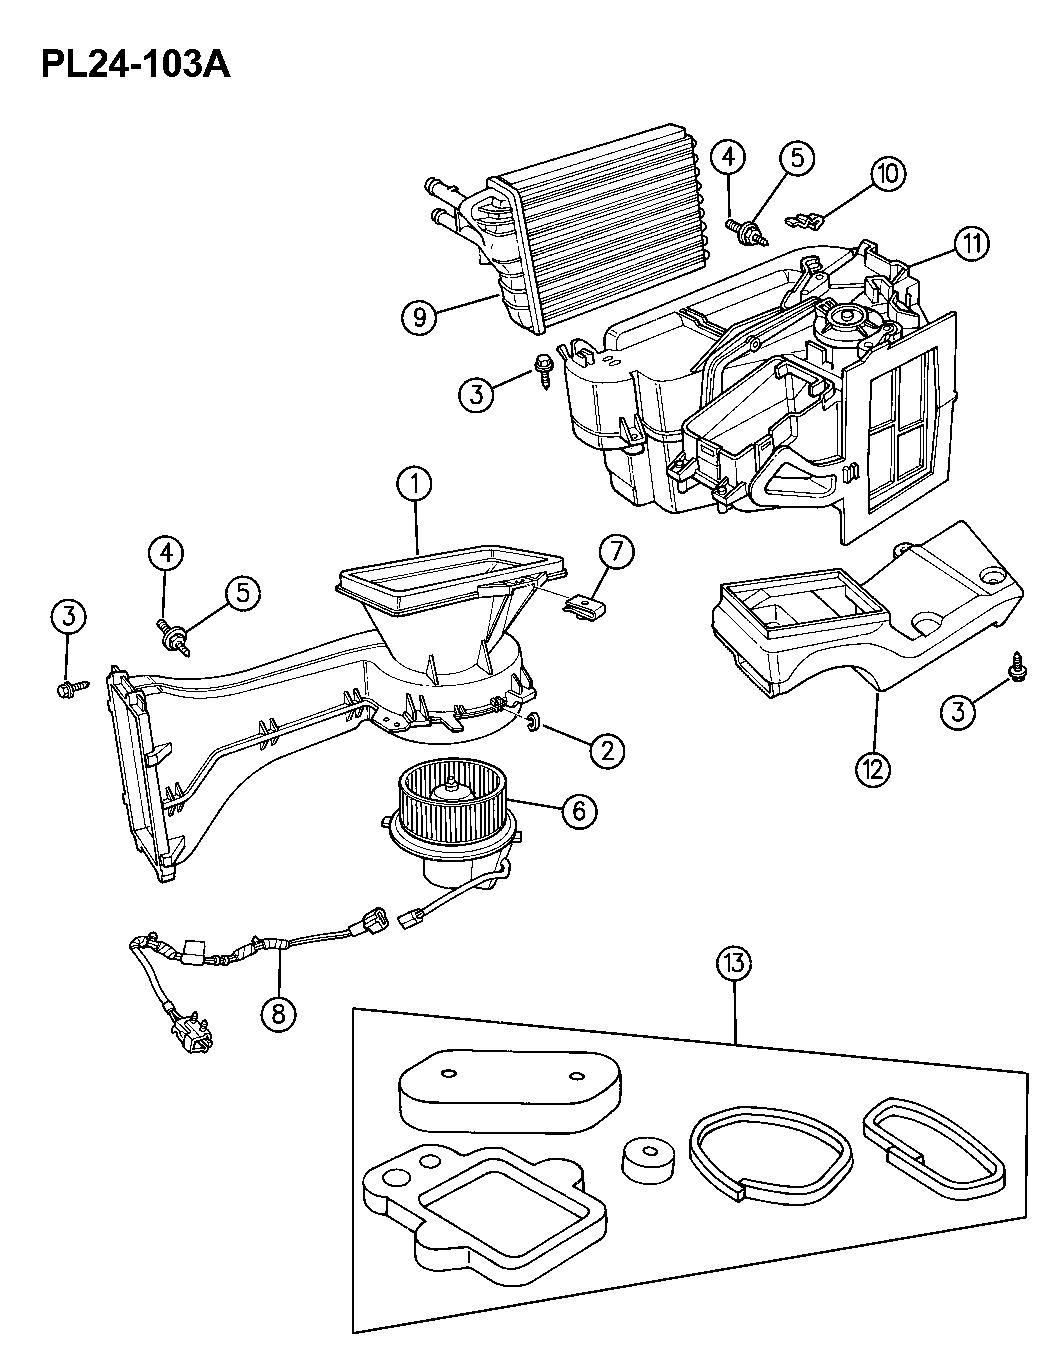 1996 Dodge Neon Heater Unit Mopar Parts Giant L24 Engine Diagram